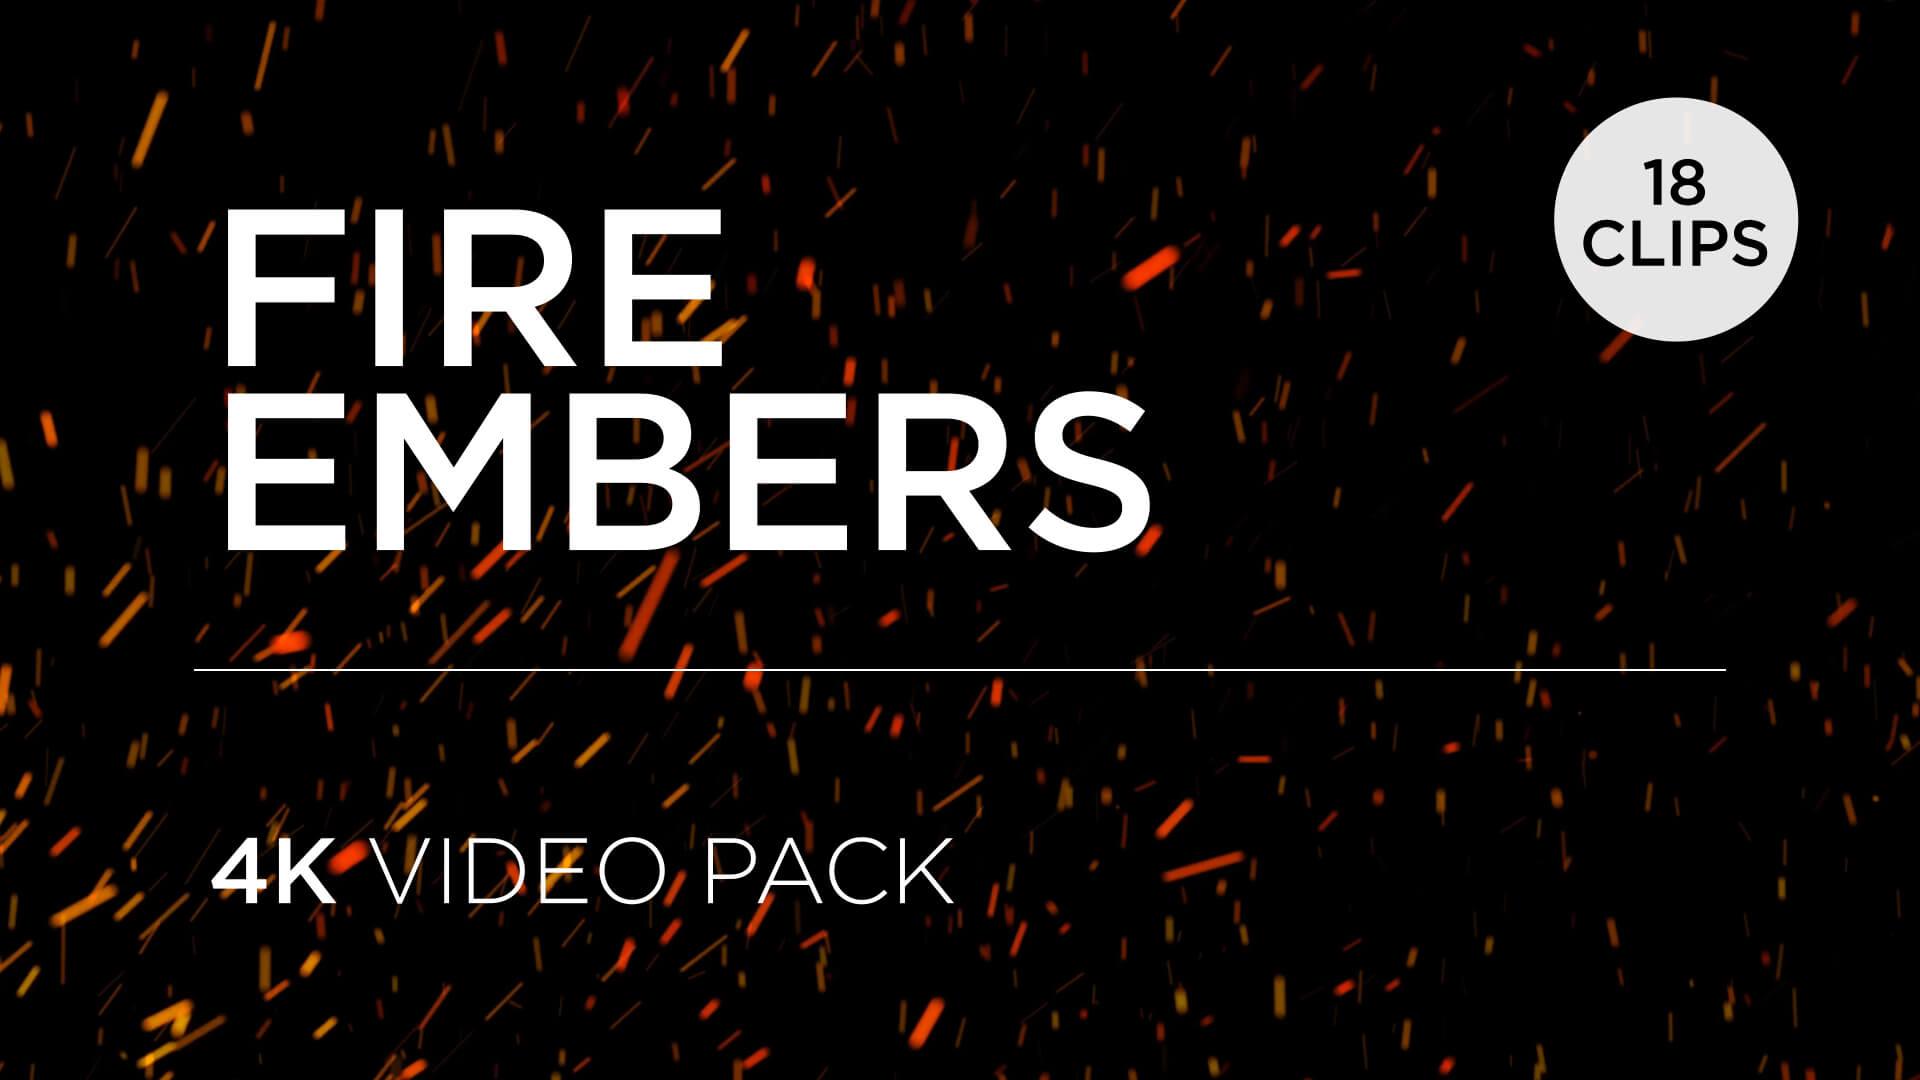 Fire Embers Overlay 4K Loops Pack